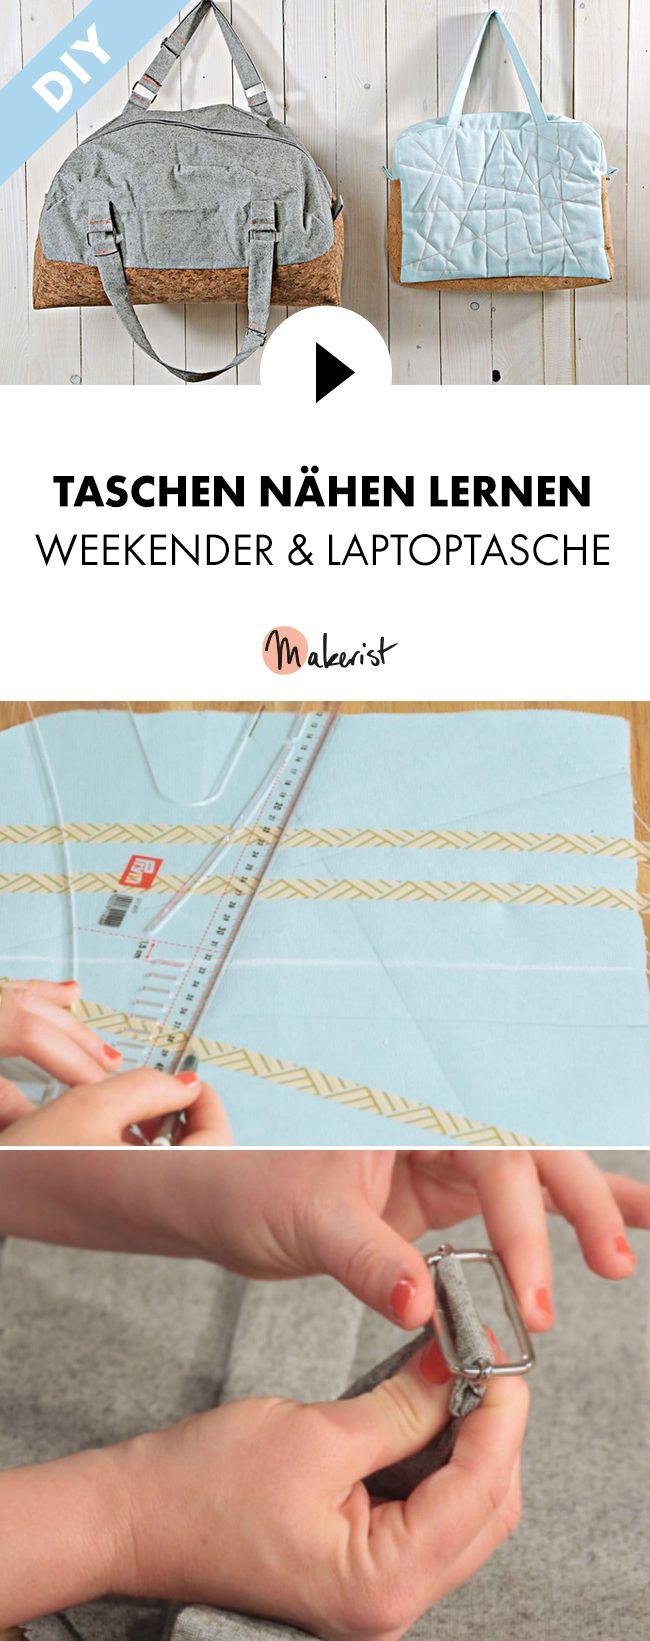 124 besten Nähen Bilder auf Pinterest | Brieftaschen, Couture sac ...